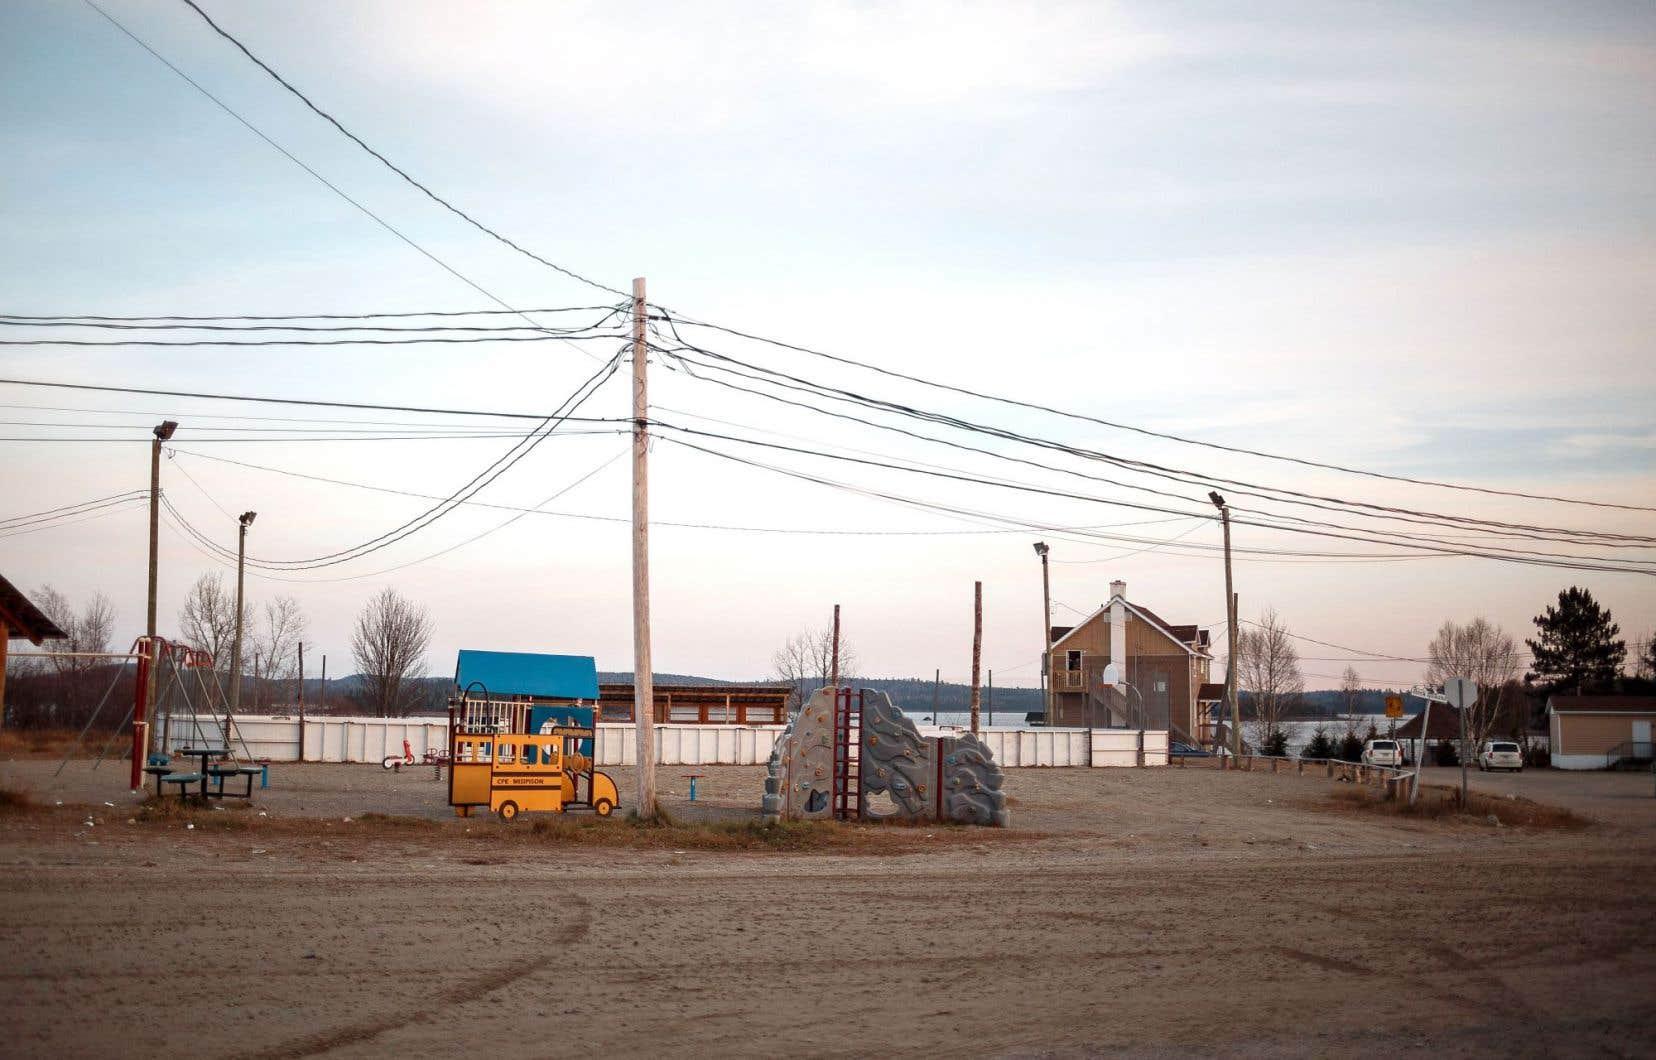 Dans la communauté de Kitcisakik, dans la réserve faunique La Vérendrye, il n'y a ni électricité ni eau courante – à l'exception du centre communautaire, alimenté par une génératrice au mazout.